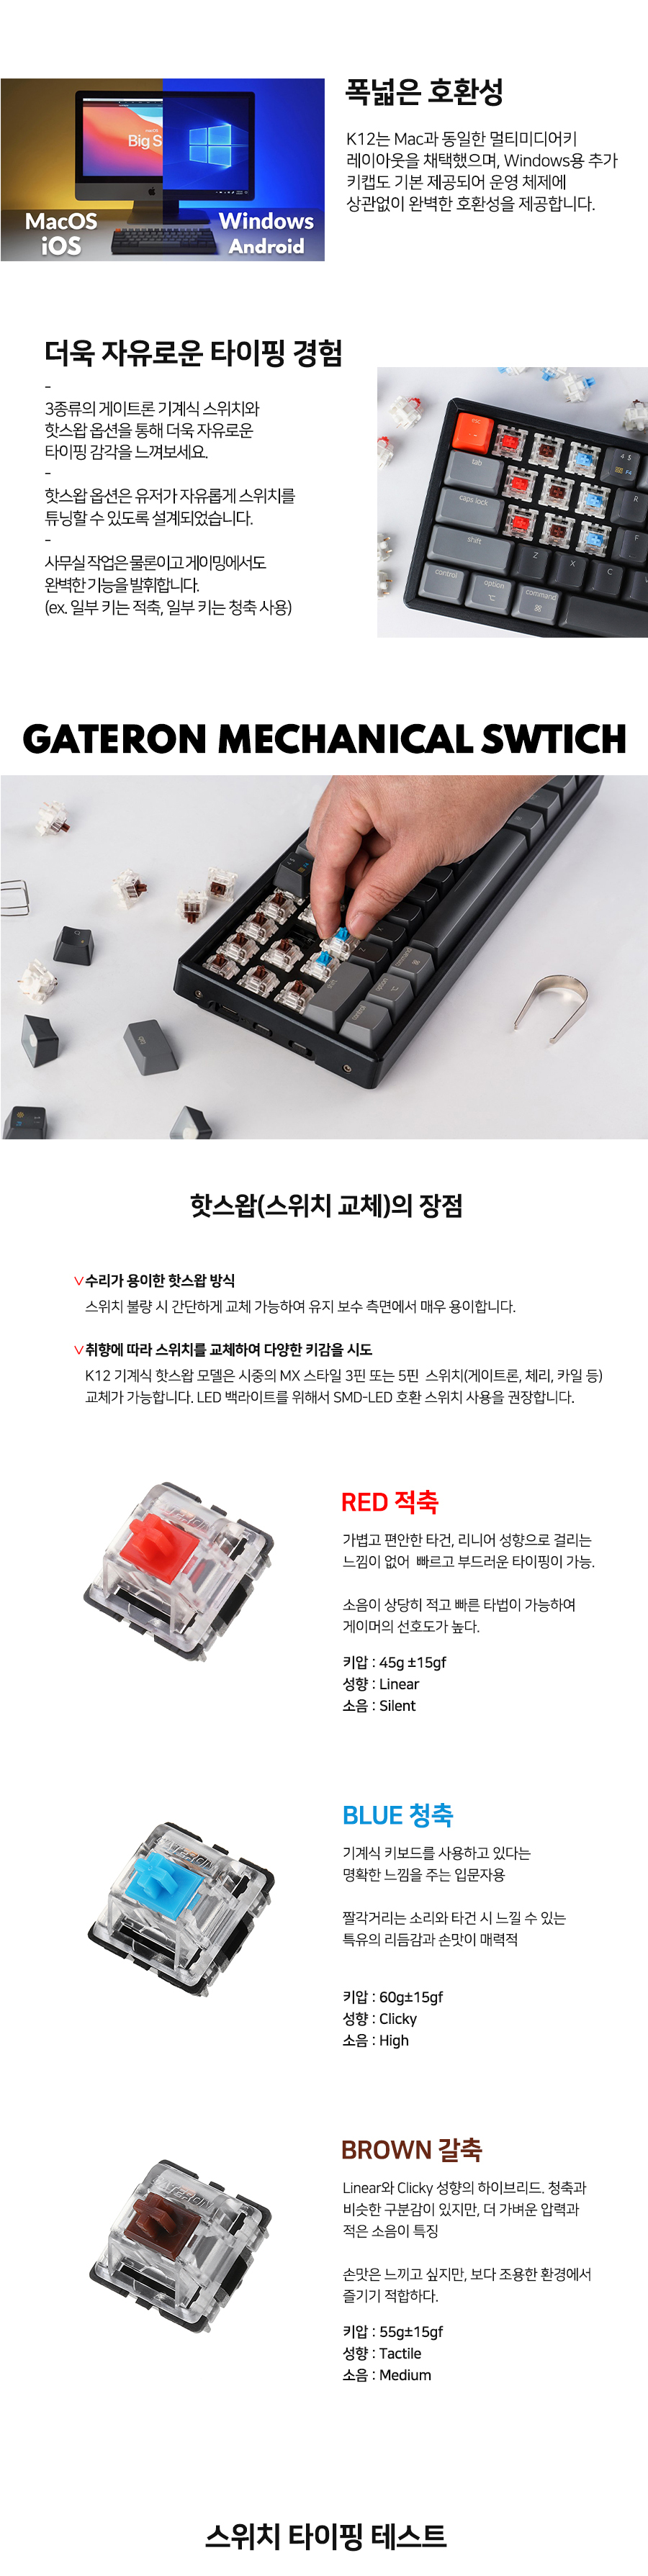 Keychron K12 LED 핫스왑 (청축)